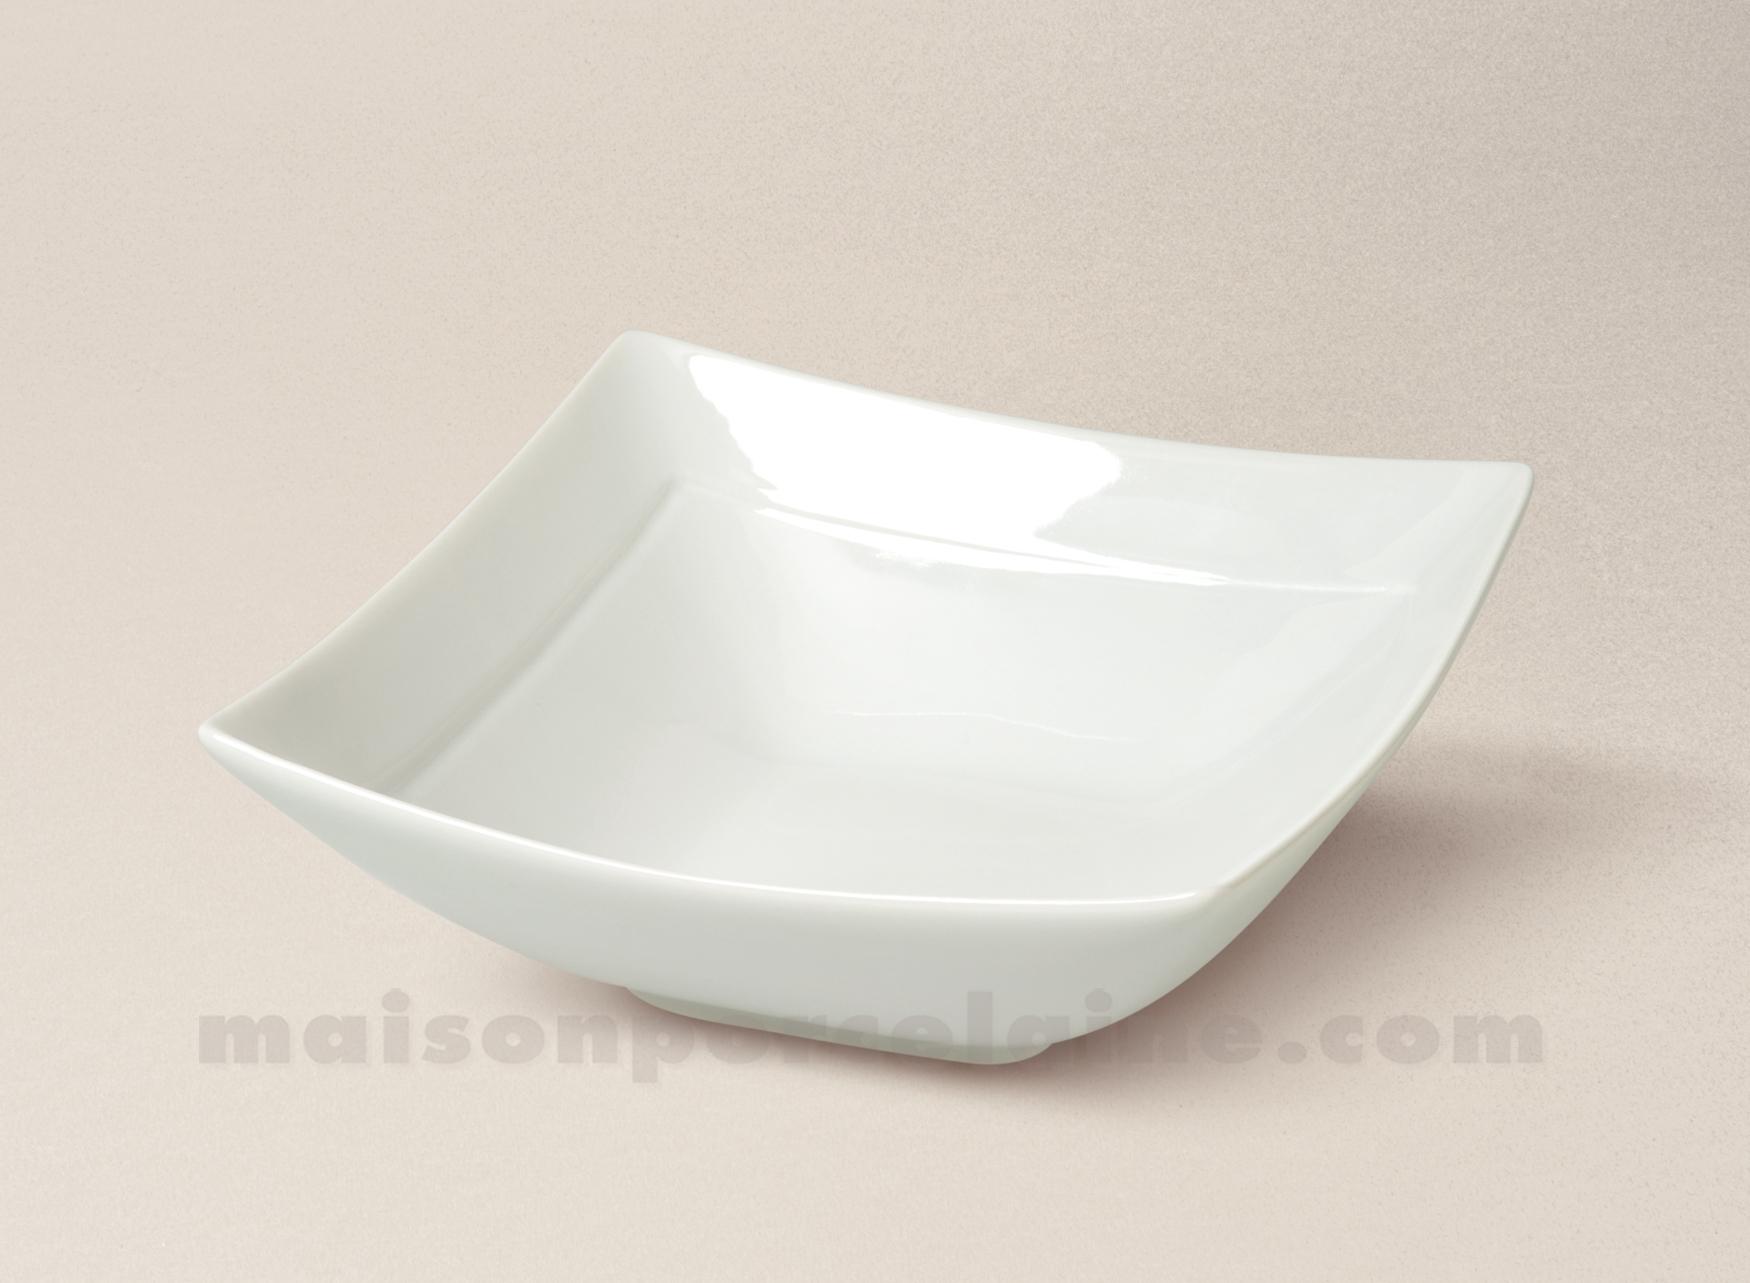 Saladier carre porcelaine blanche individuel ruban 15 5x15 for Maison de ruban